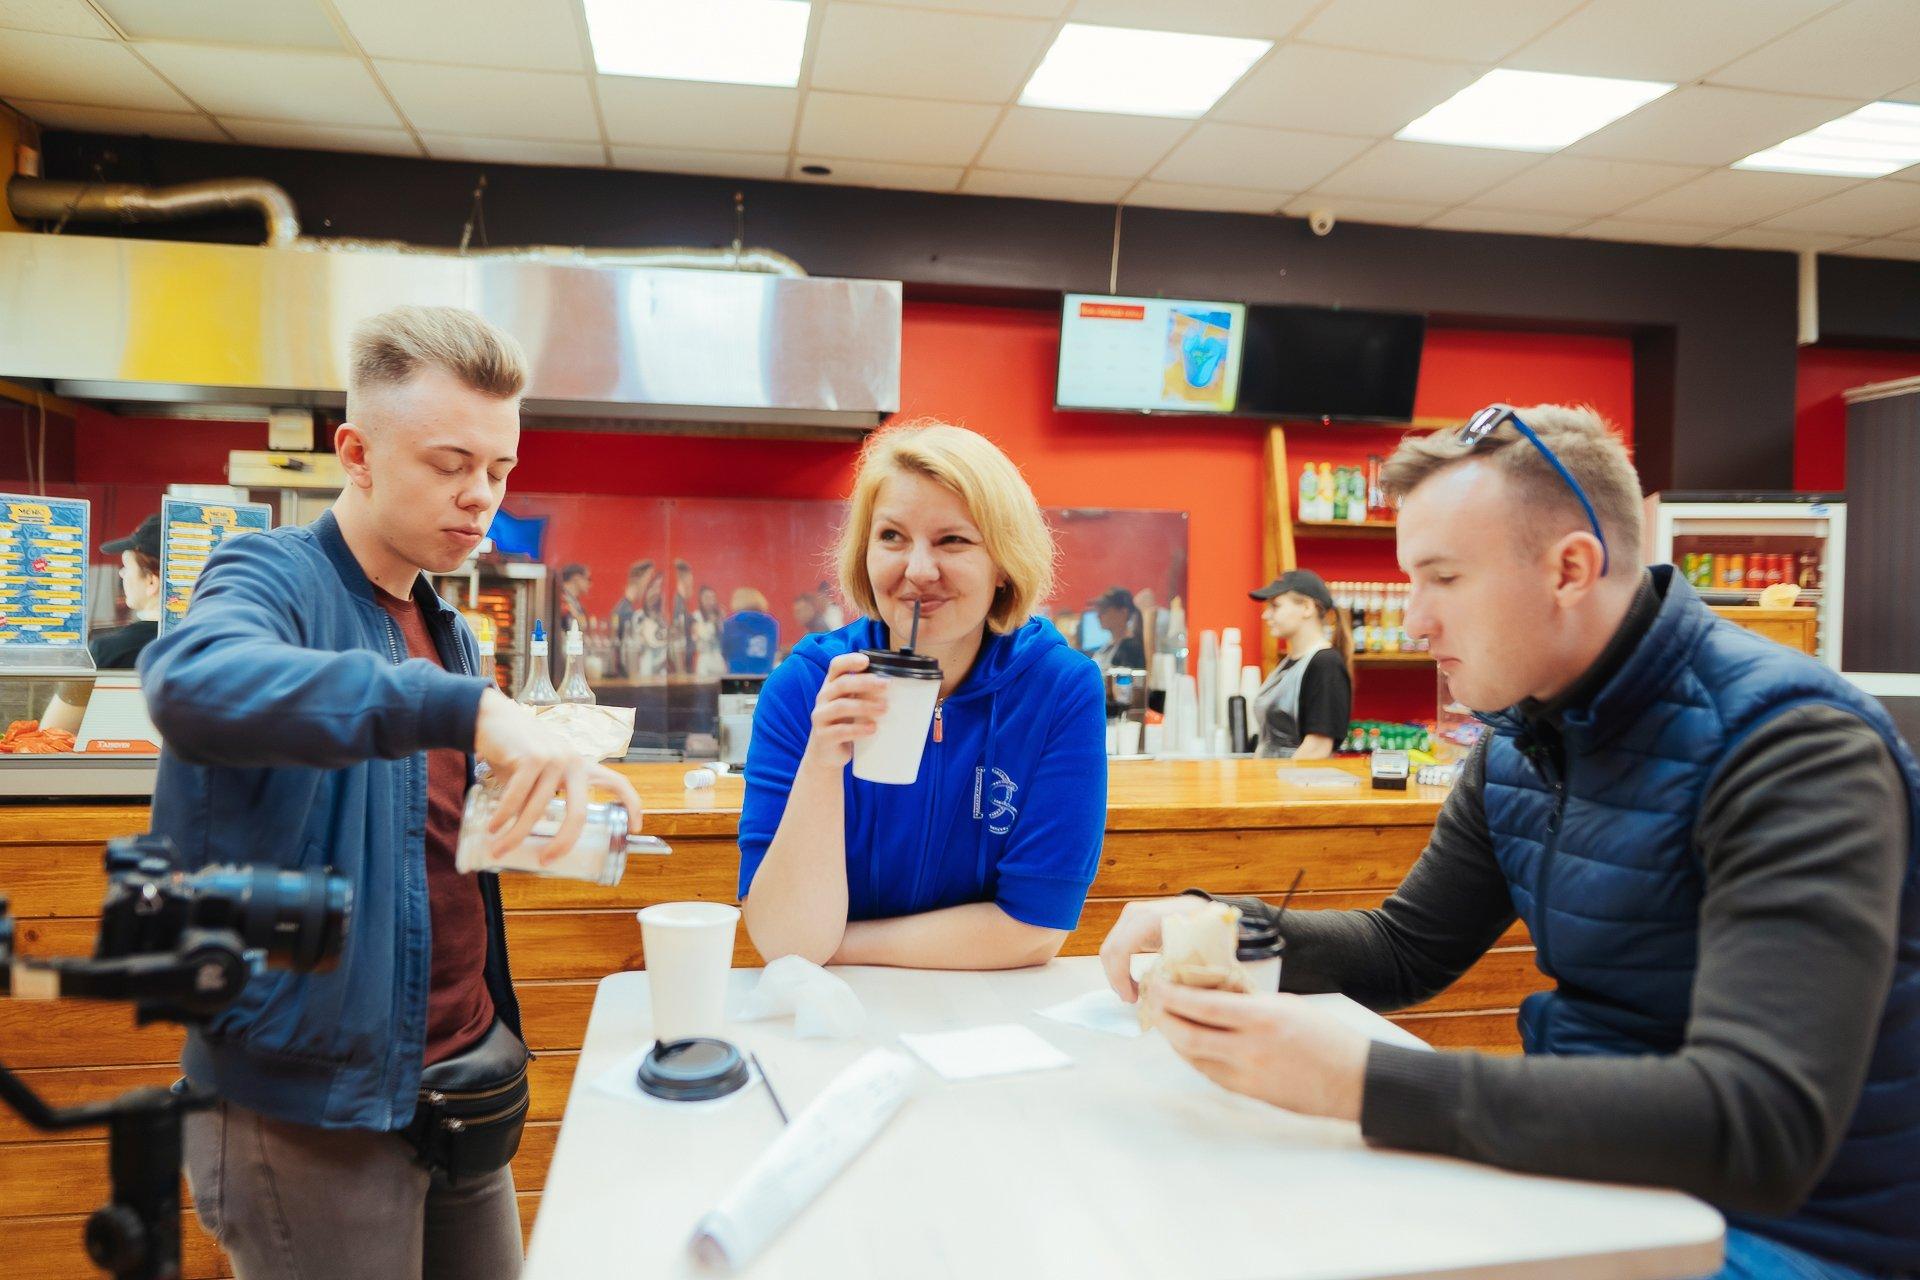 2 тысячи километров и 20 литров кофе: Экспедиция «Я люблю Верхневолжье» в цифрах